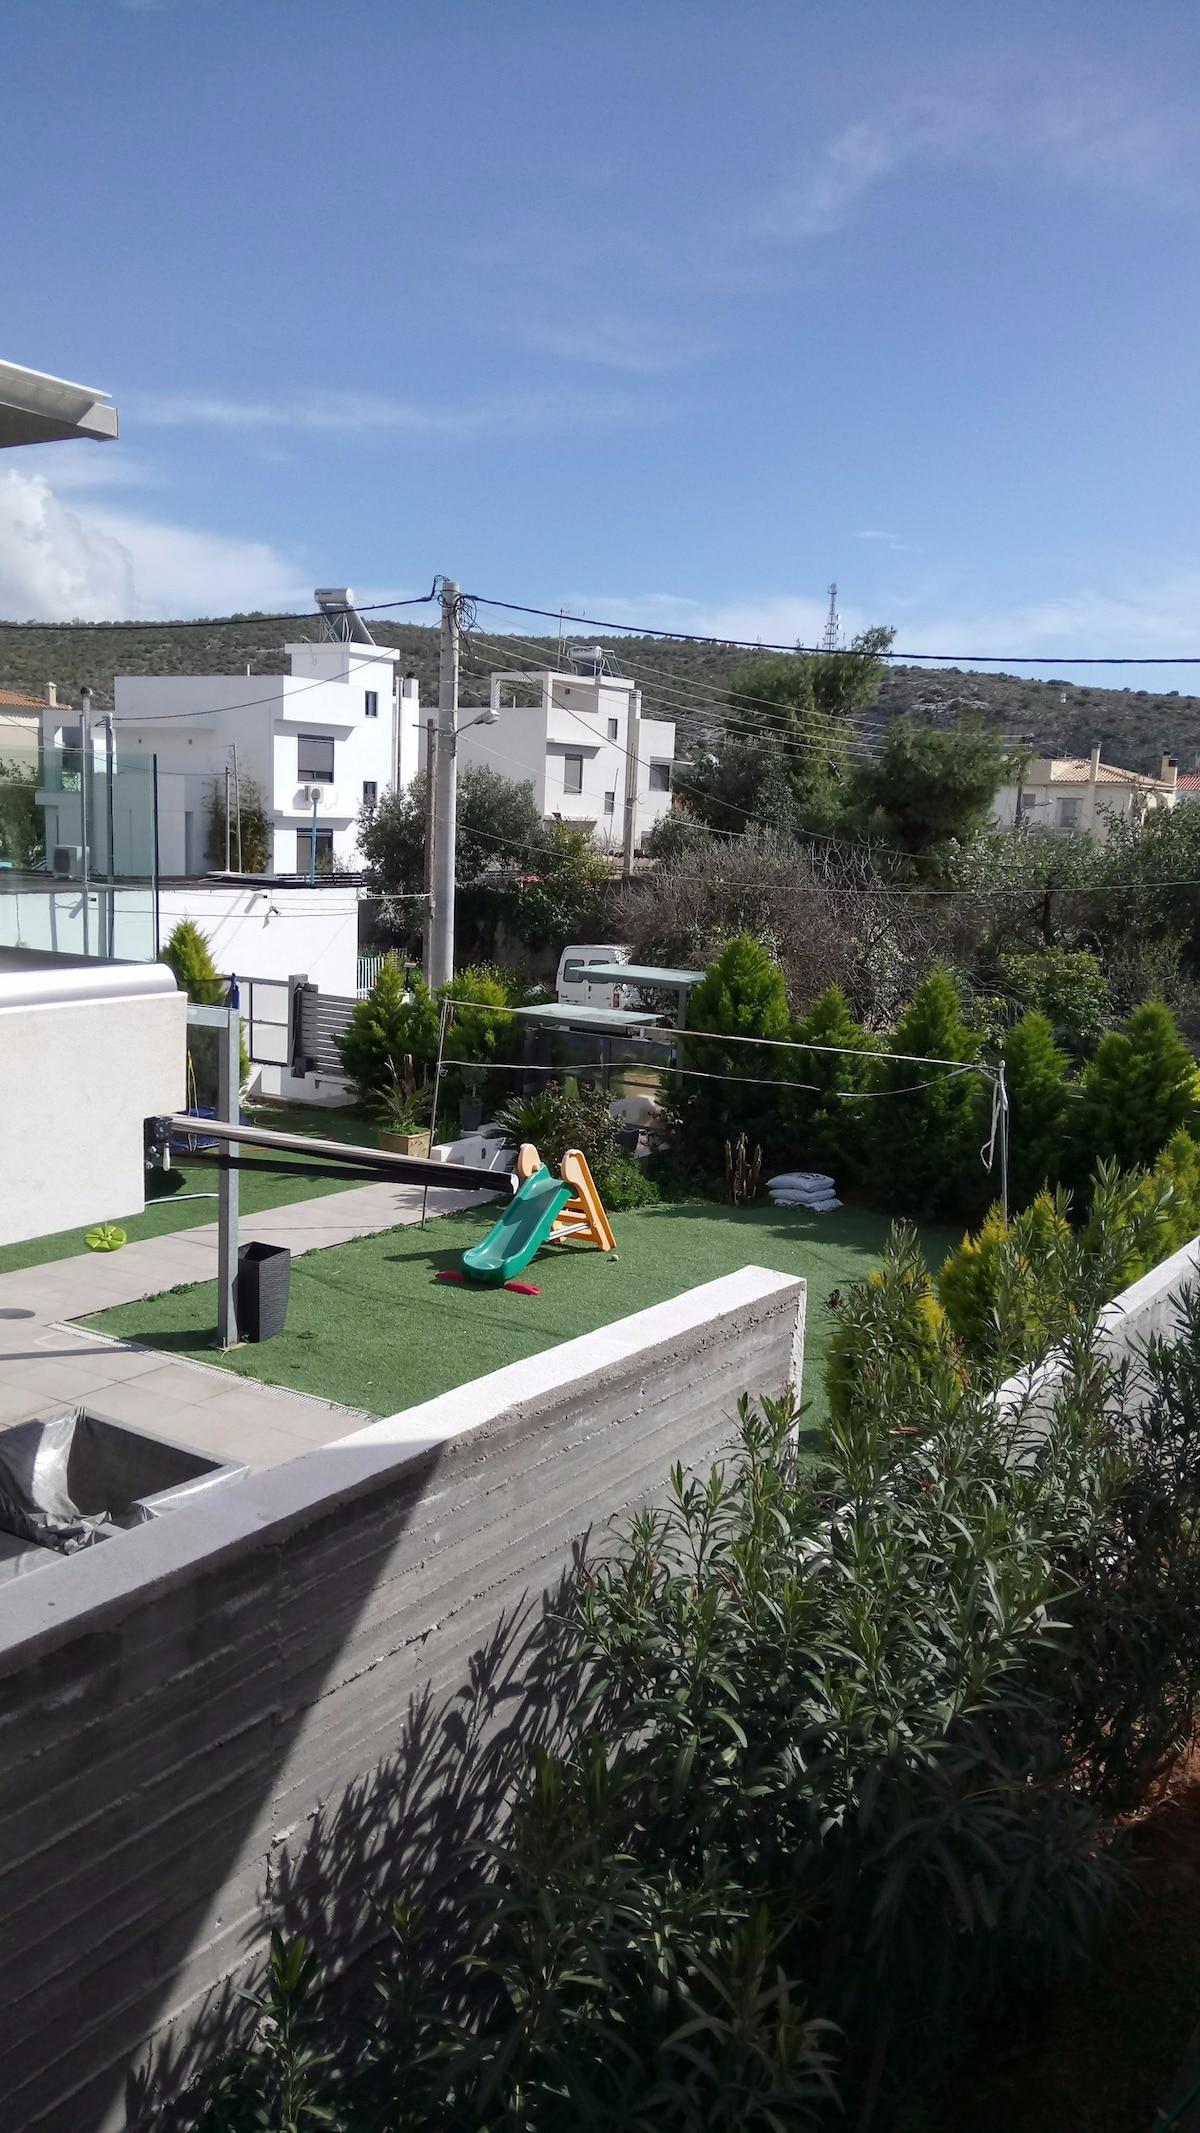 Kitsi 2017: Top 20 Ferienwohnungen Kitsi, Ferienhäuser, Unterkünfte U0026  Apartments   Airbnb Kitsi, Griechenland